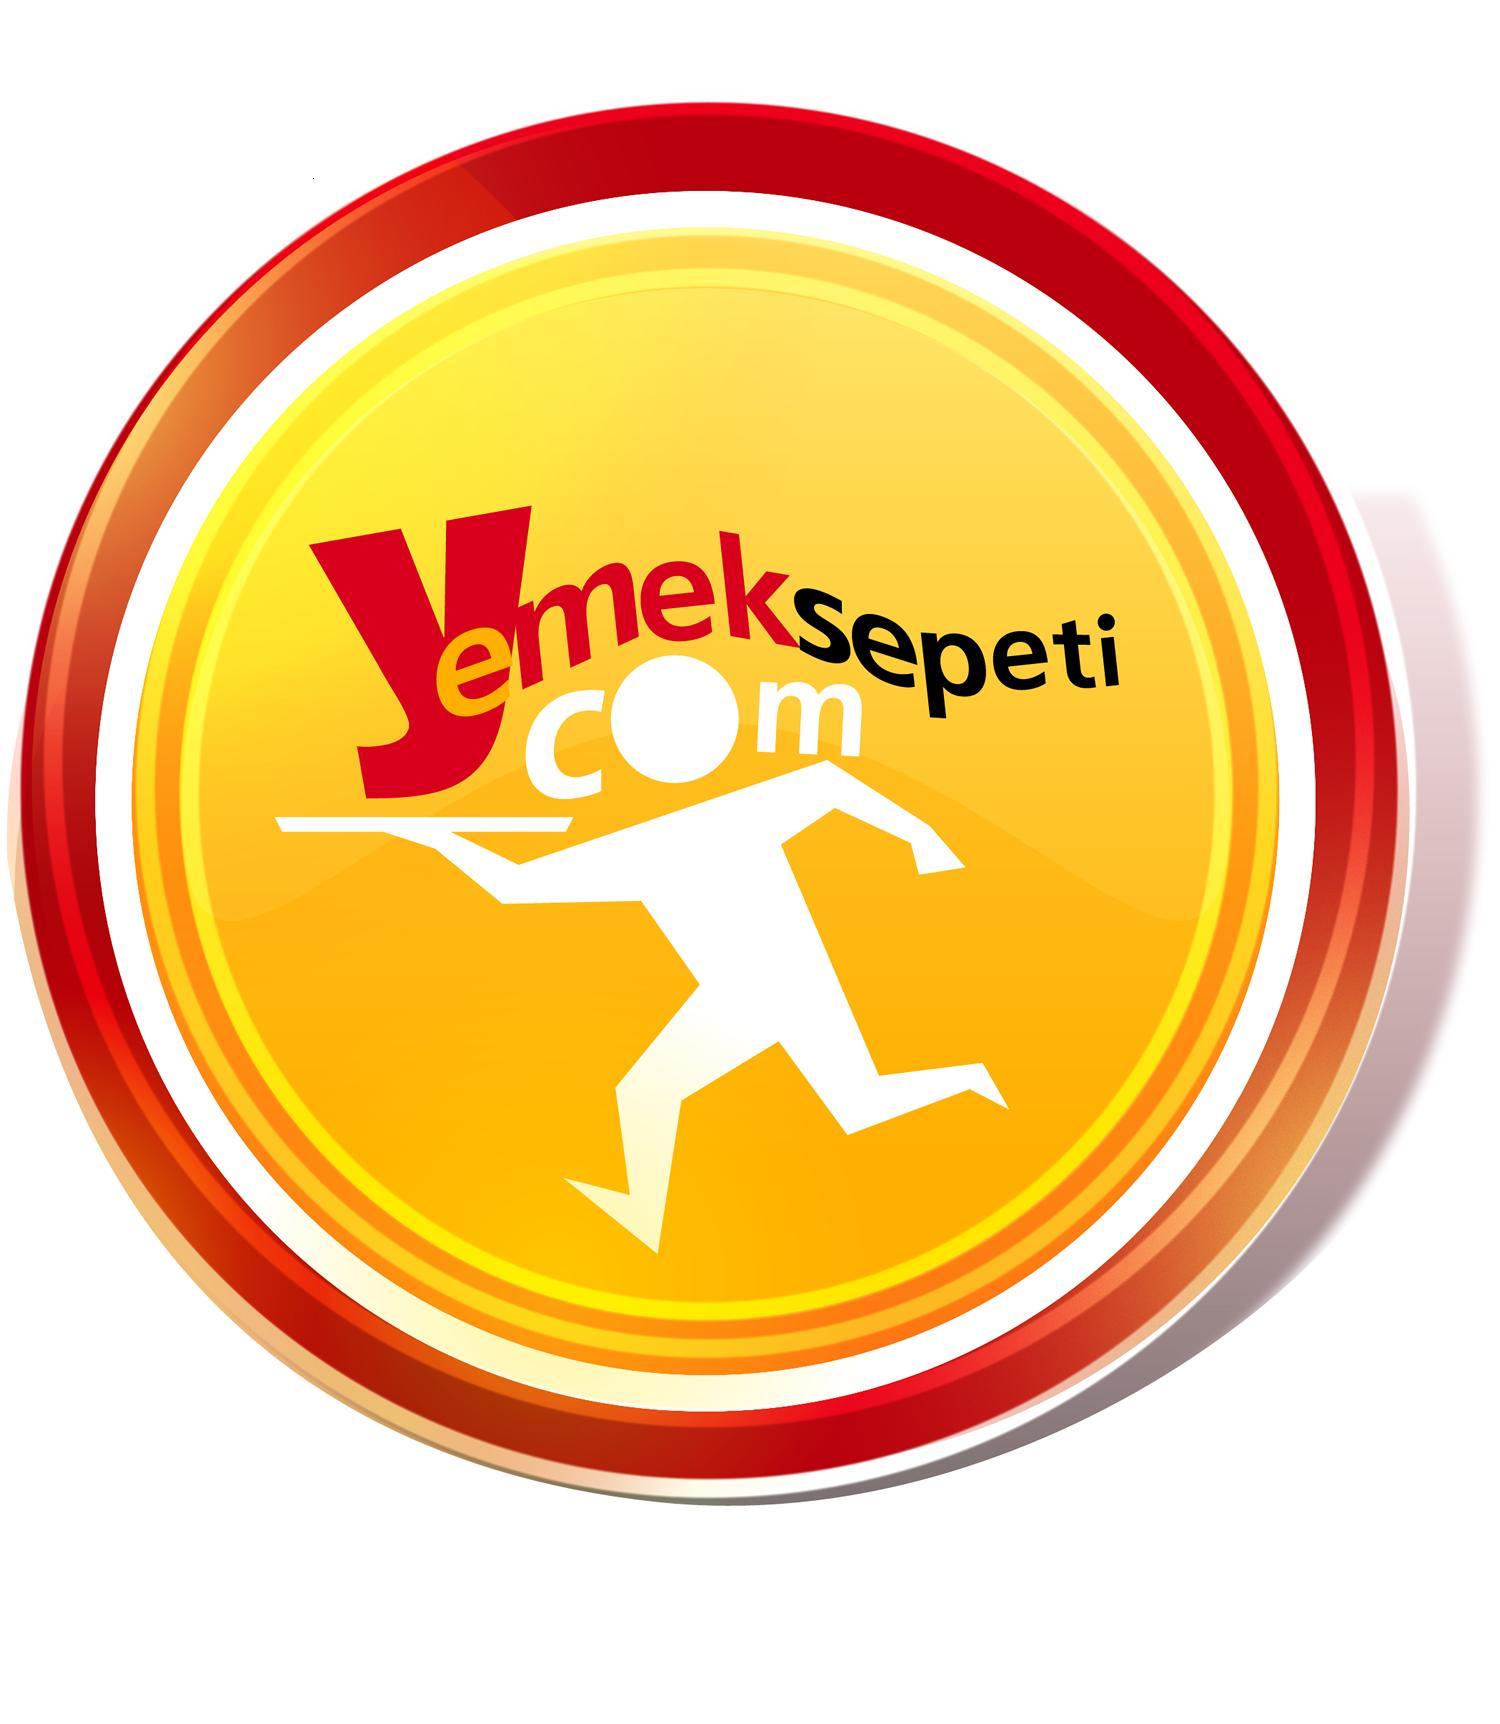 yemeksepeti_com_logo